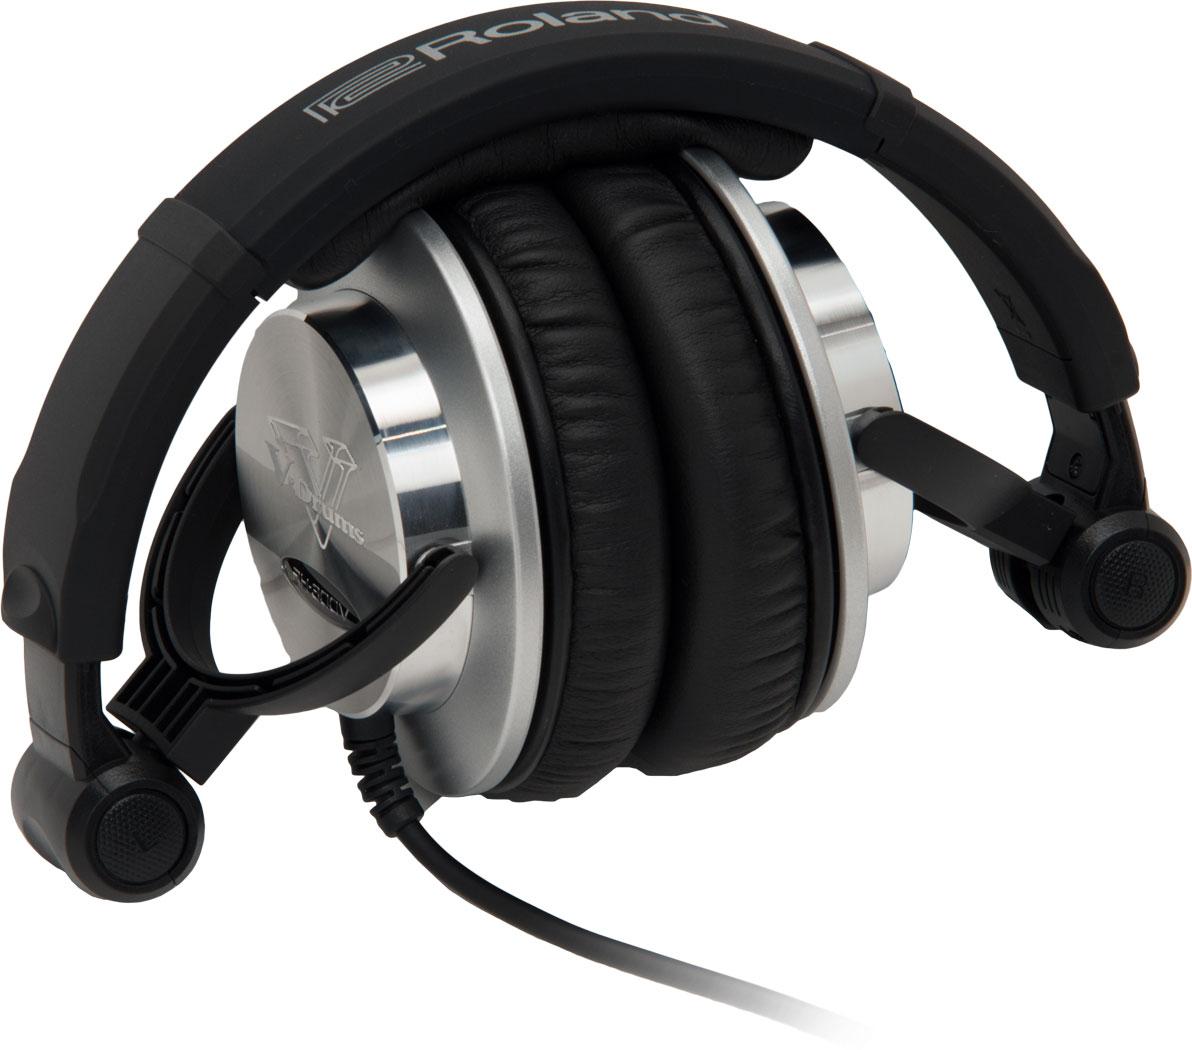 RH-300V V-Drums Headphones